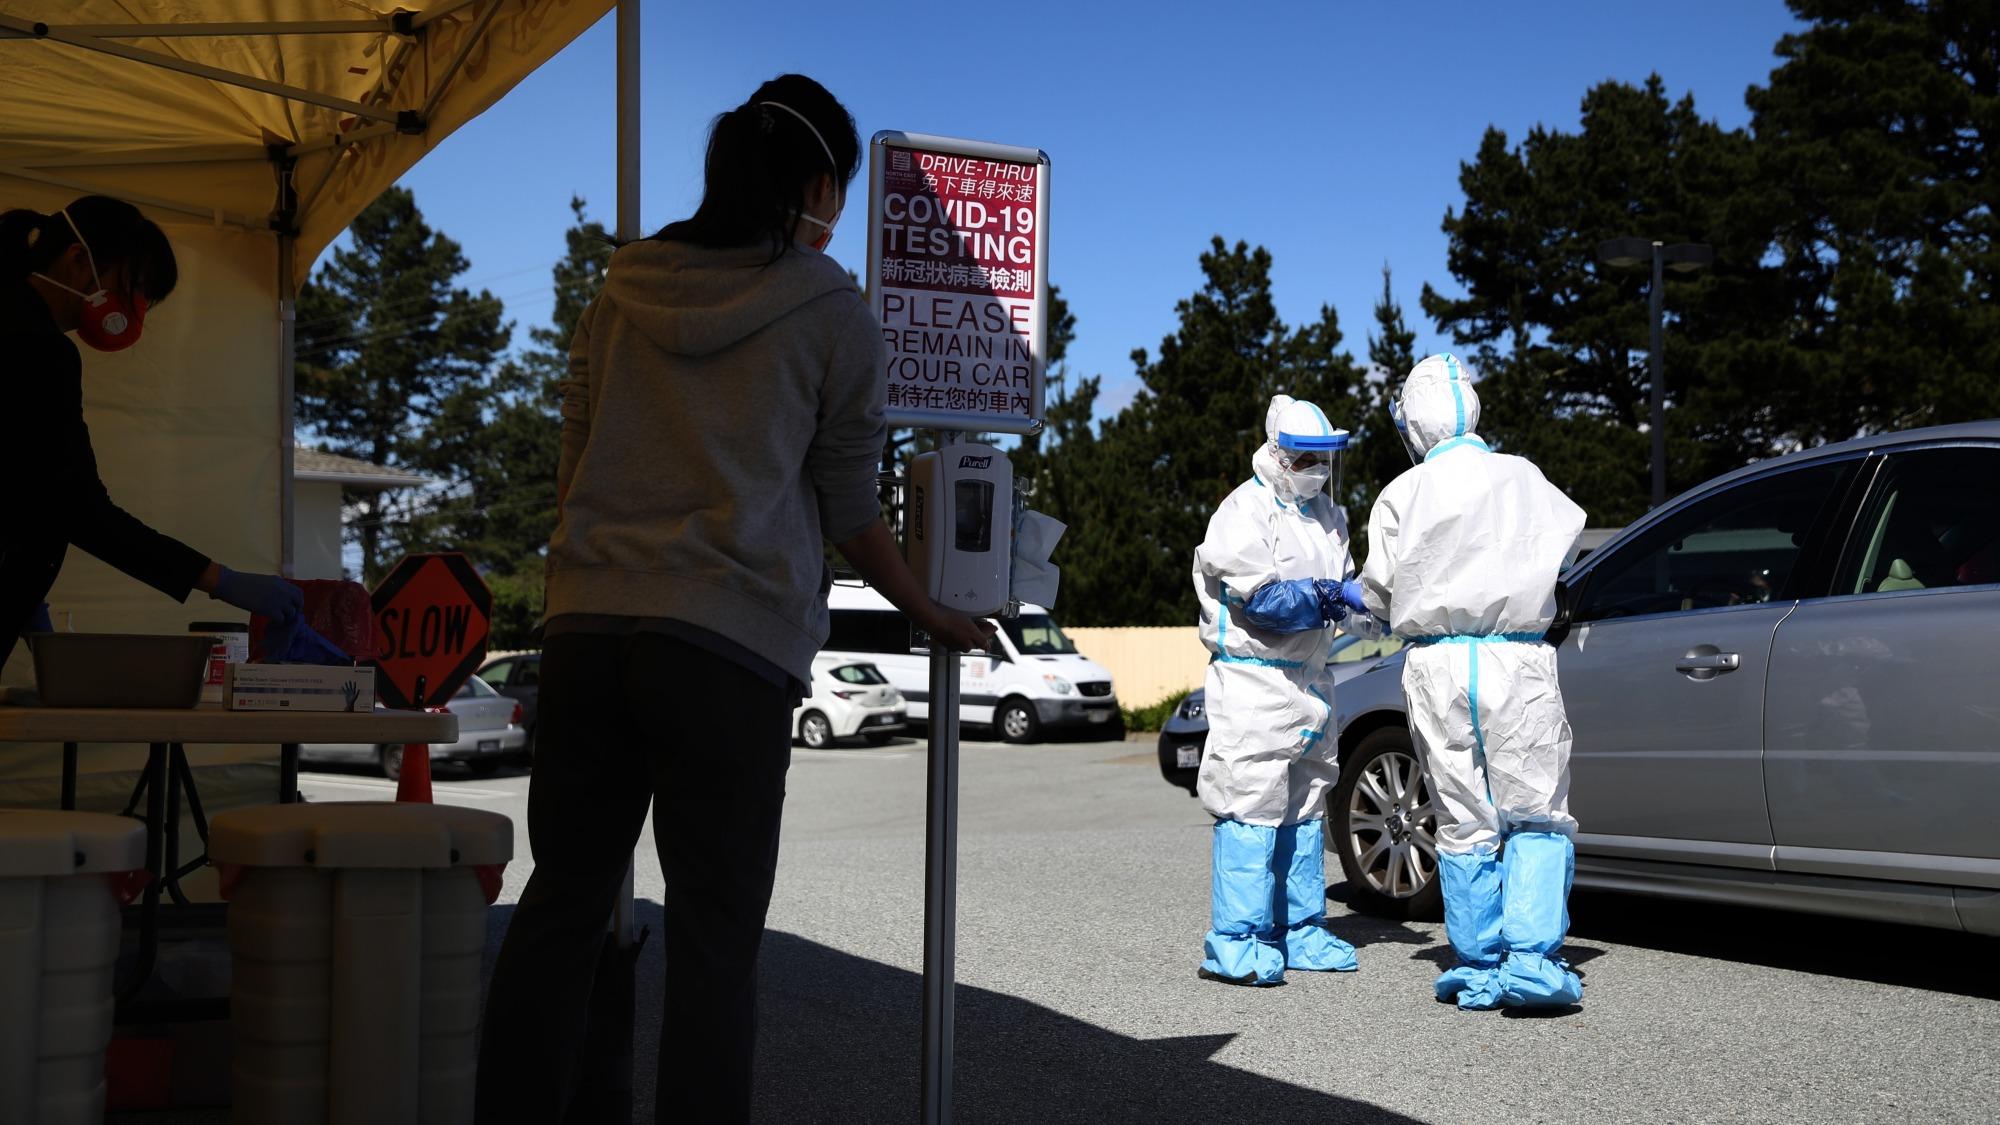 Adolescente muere luego de que se le negara tratamiento para el coronavirus por no tener seguro